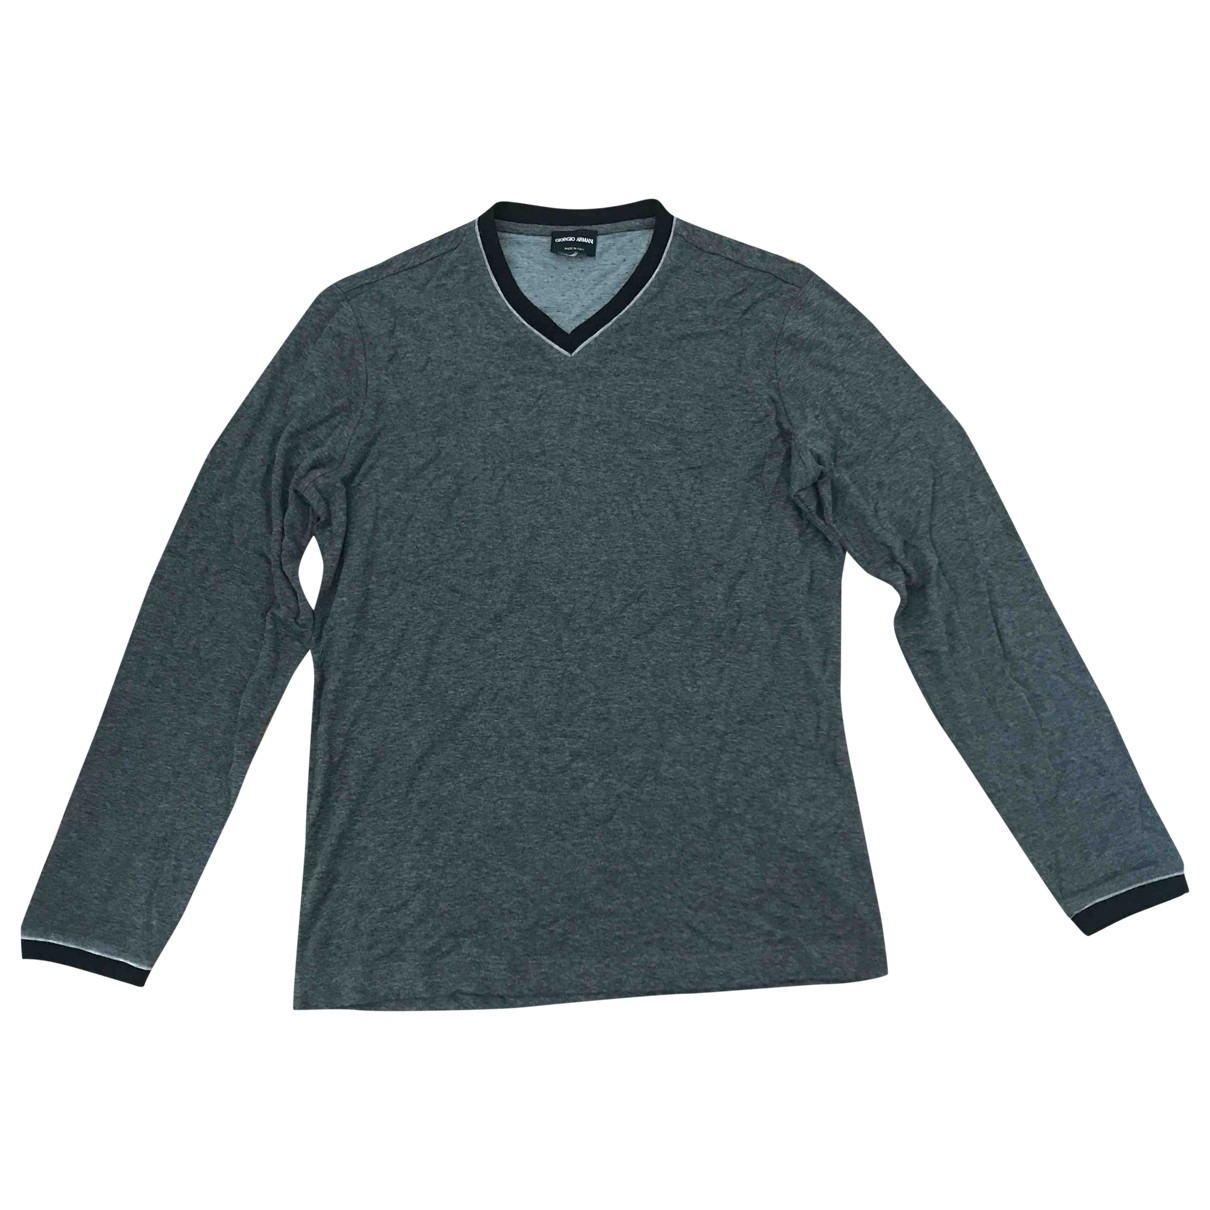 Giorgio Armani - Pulls.Gilets.Sweats   pour homme en coton - gris